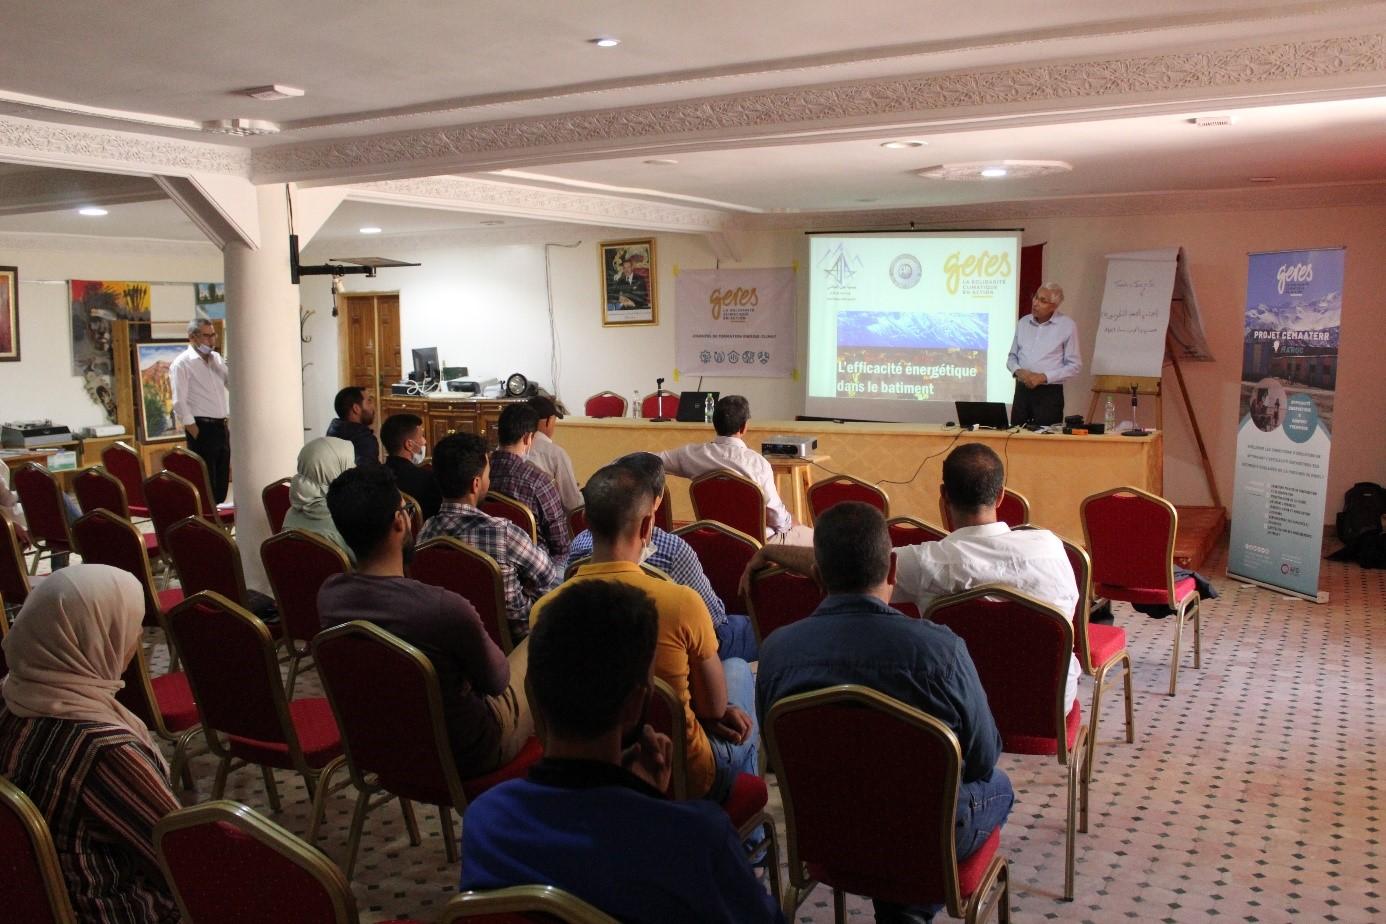 La sensibilisation sur la transition énergétique juste et efficace avance au Maroc